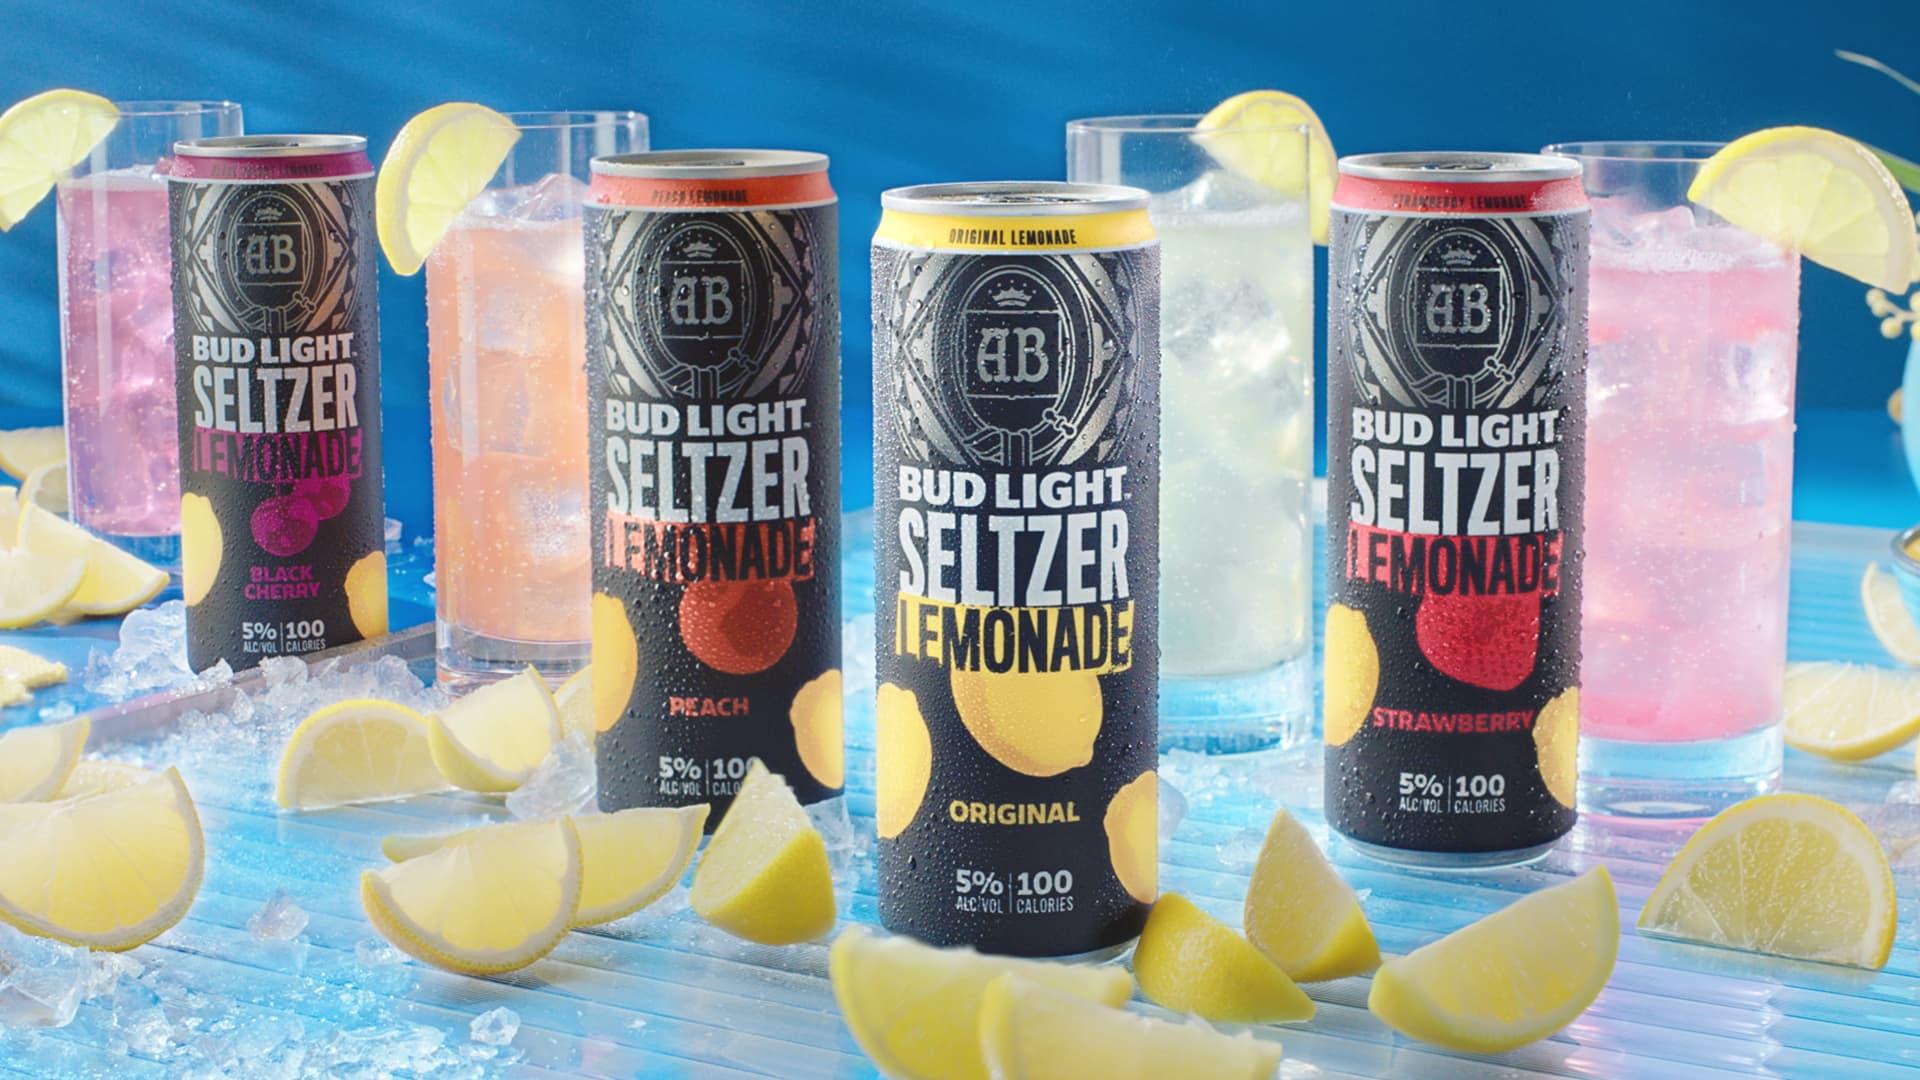 All four flavors of Bud Light Seltzer Lemonade